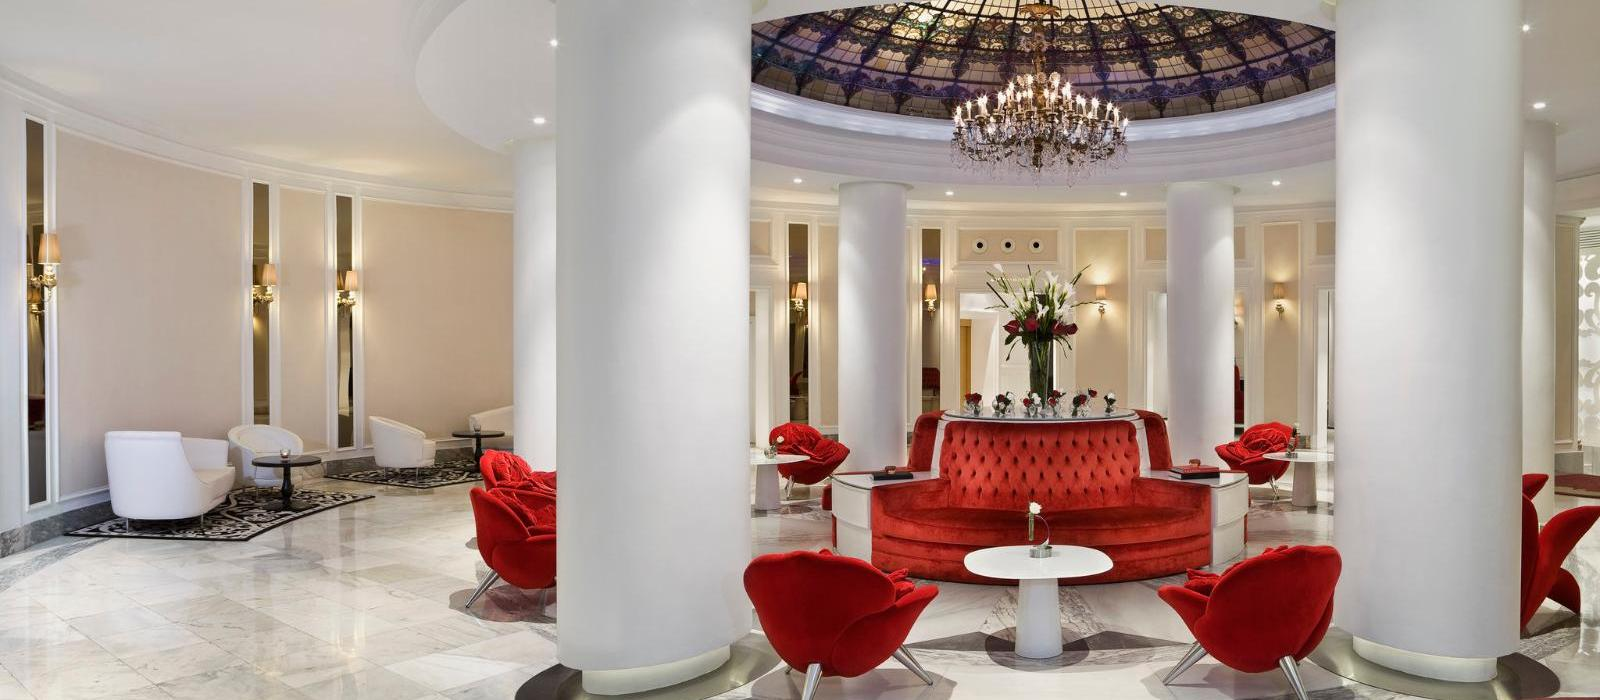 科隆盛美利亚酒店(Gran Melia Colon) 图片  www.lhw.cn